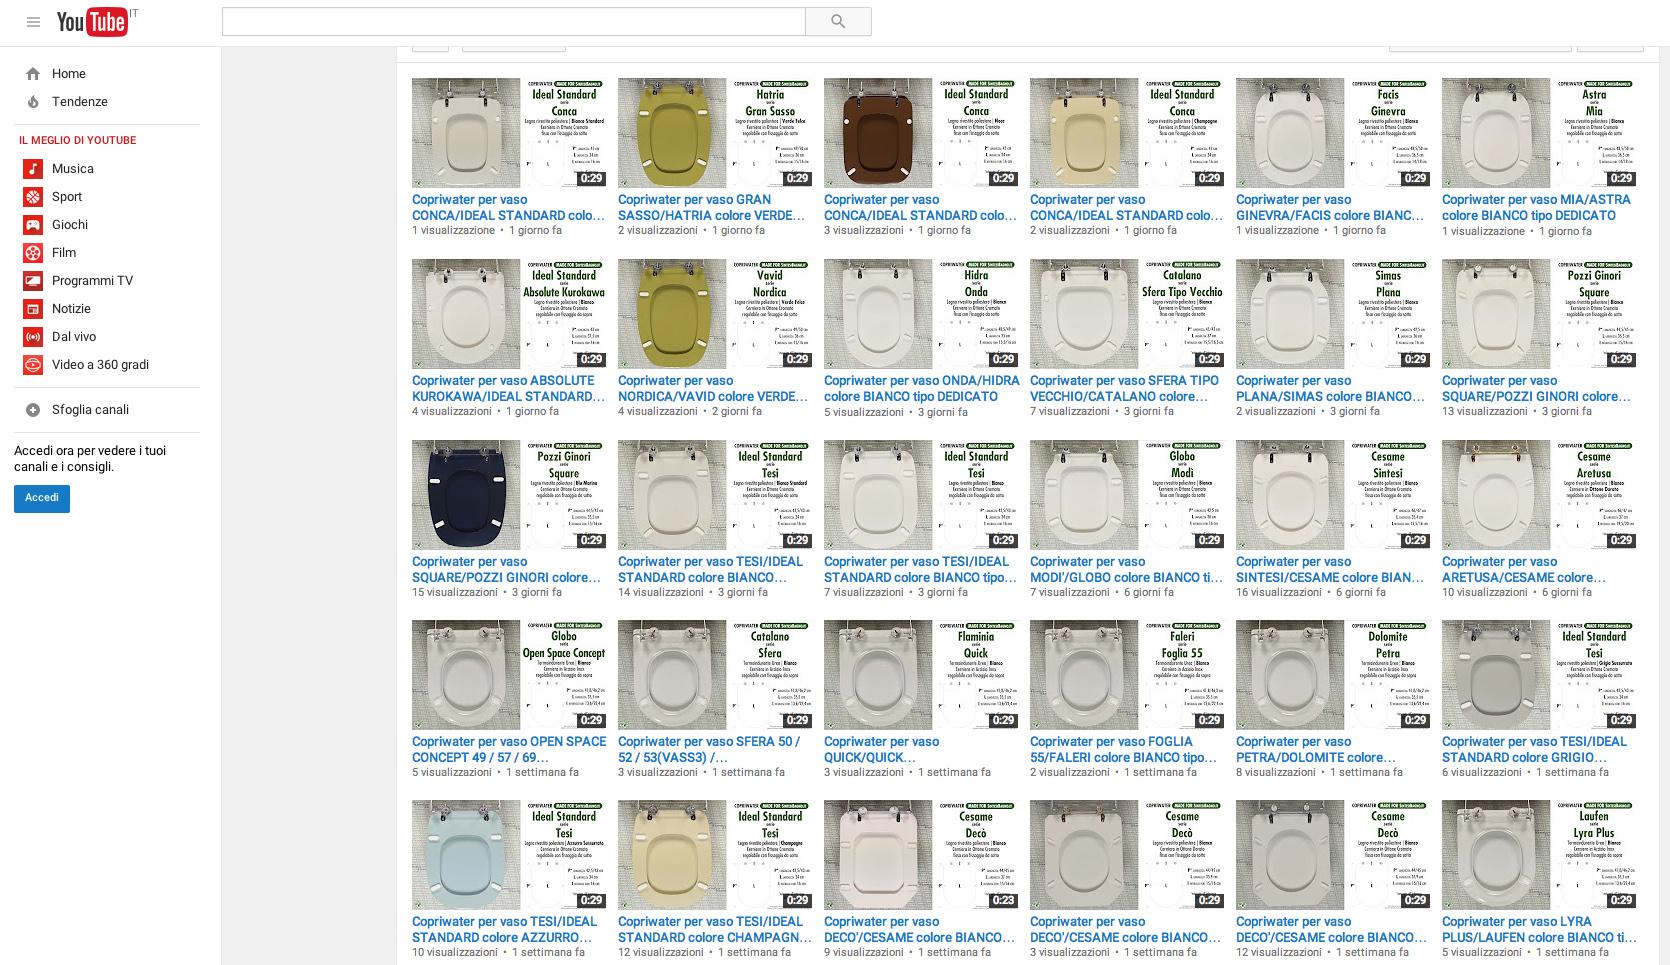 Come scegliere e acquistare un Copriwater colorato!